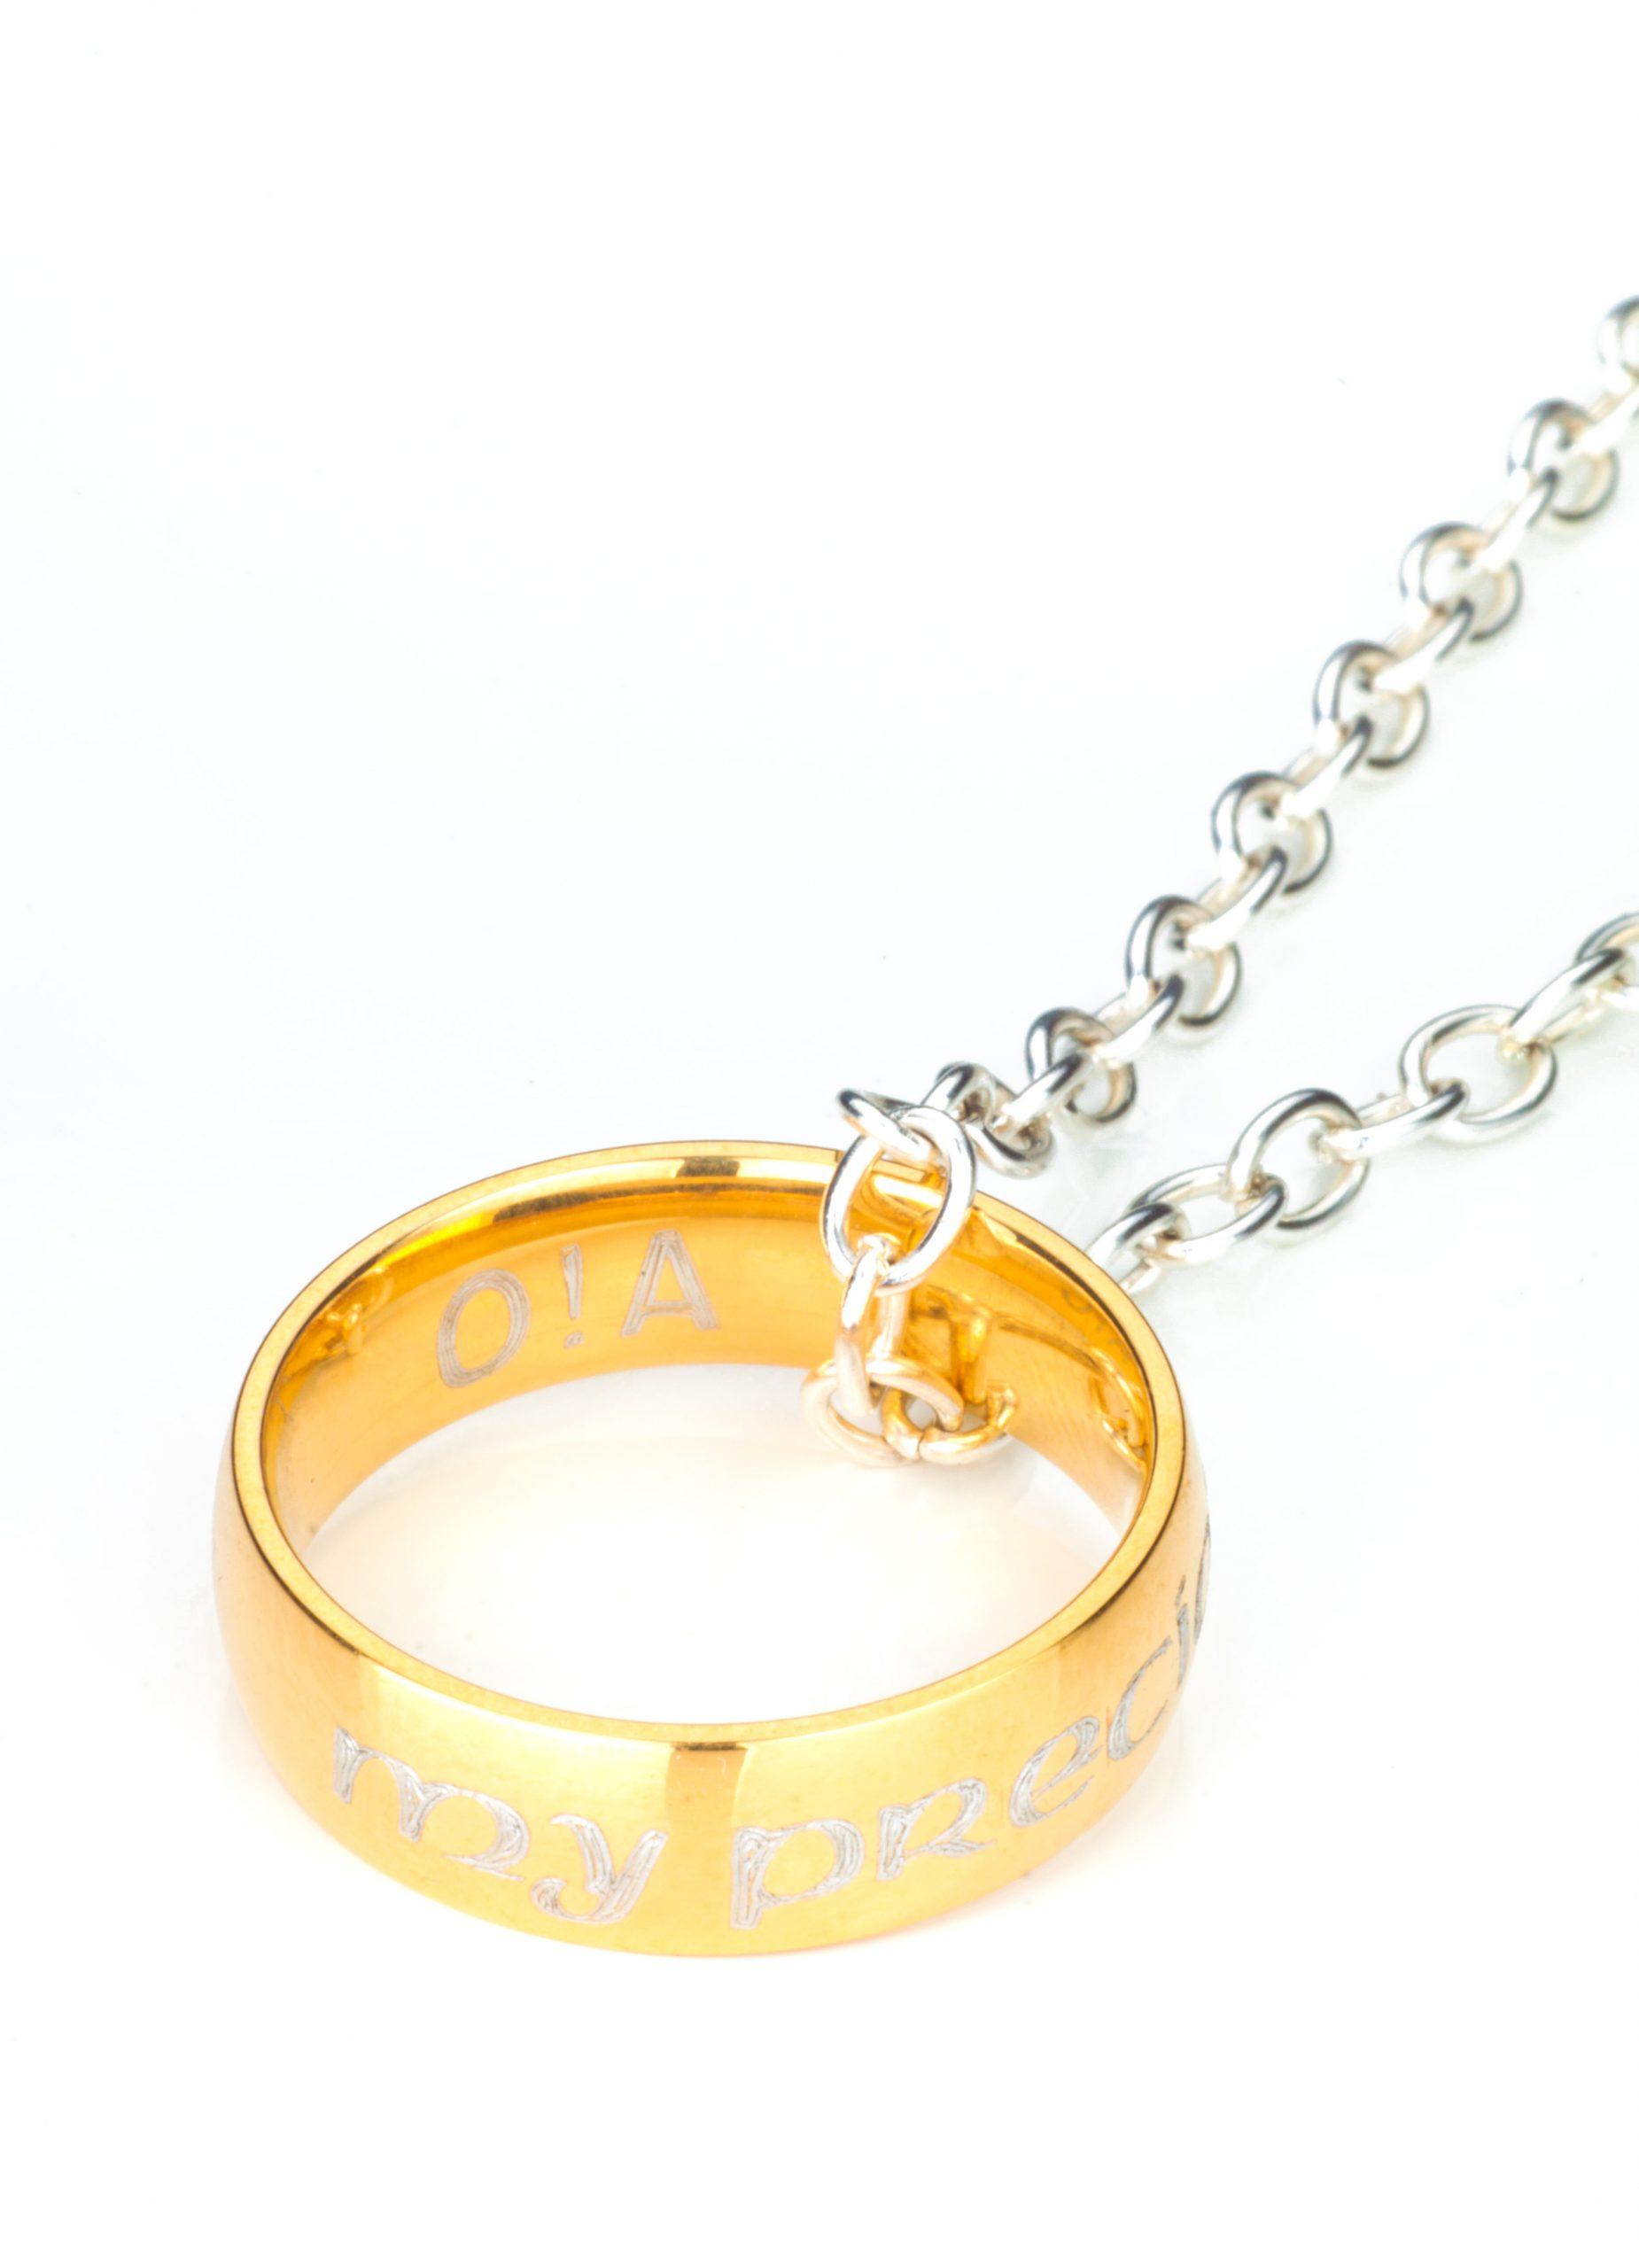 Będą nam mówić, że mamy już wystarczająco dużo biżuterii!